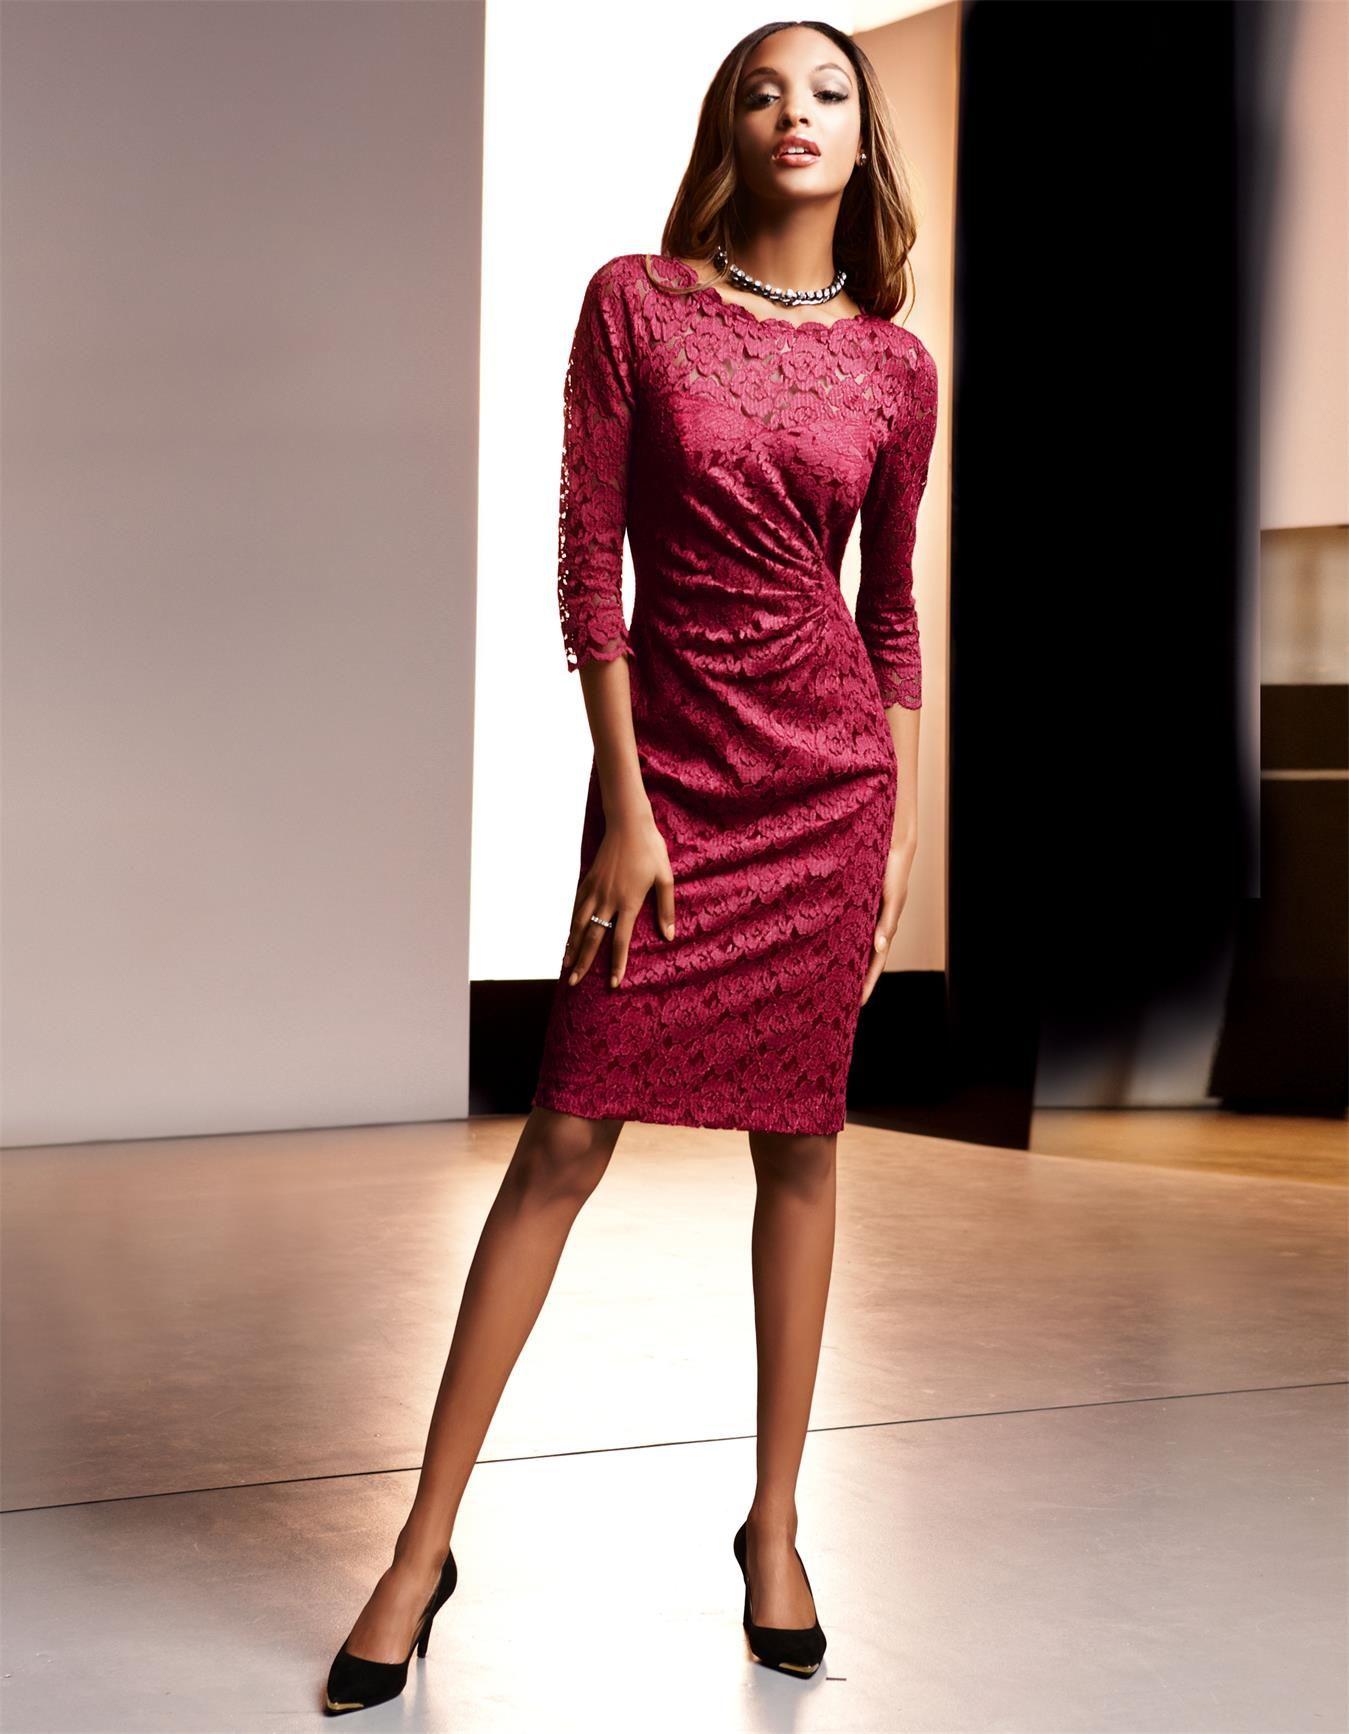 Spitzenkleid, schmal und knielang in der Farbe rubinrot - rot - im ...